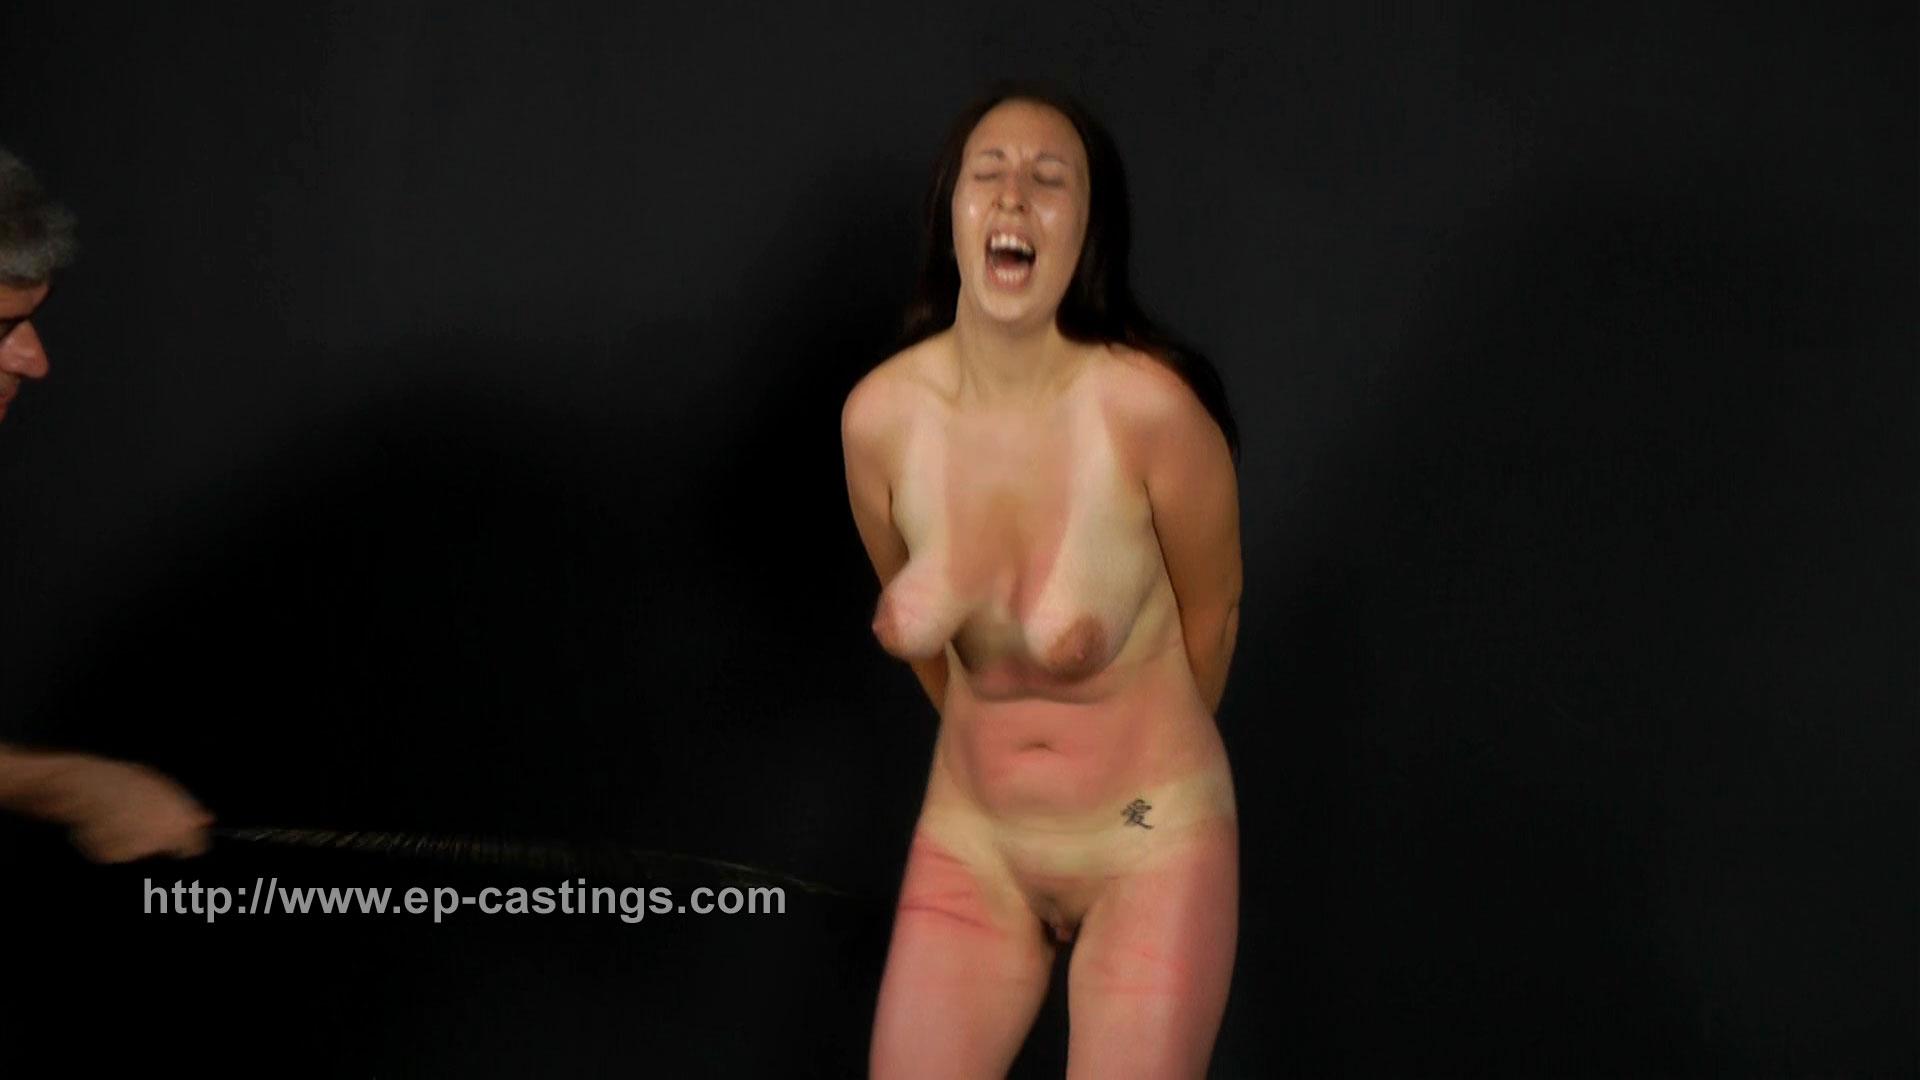 bdsm casting transgender köln